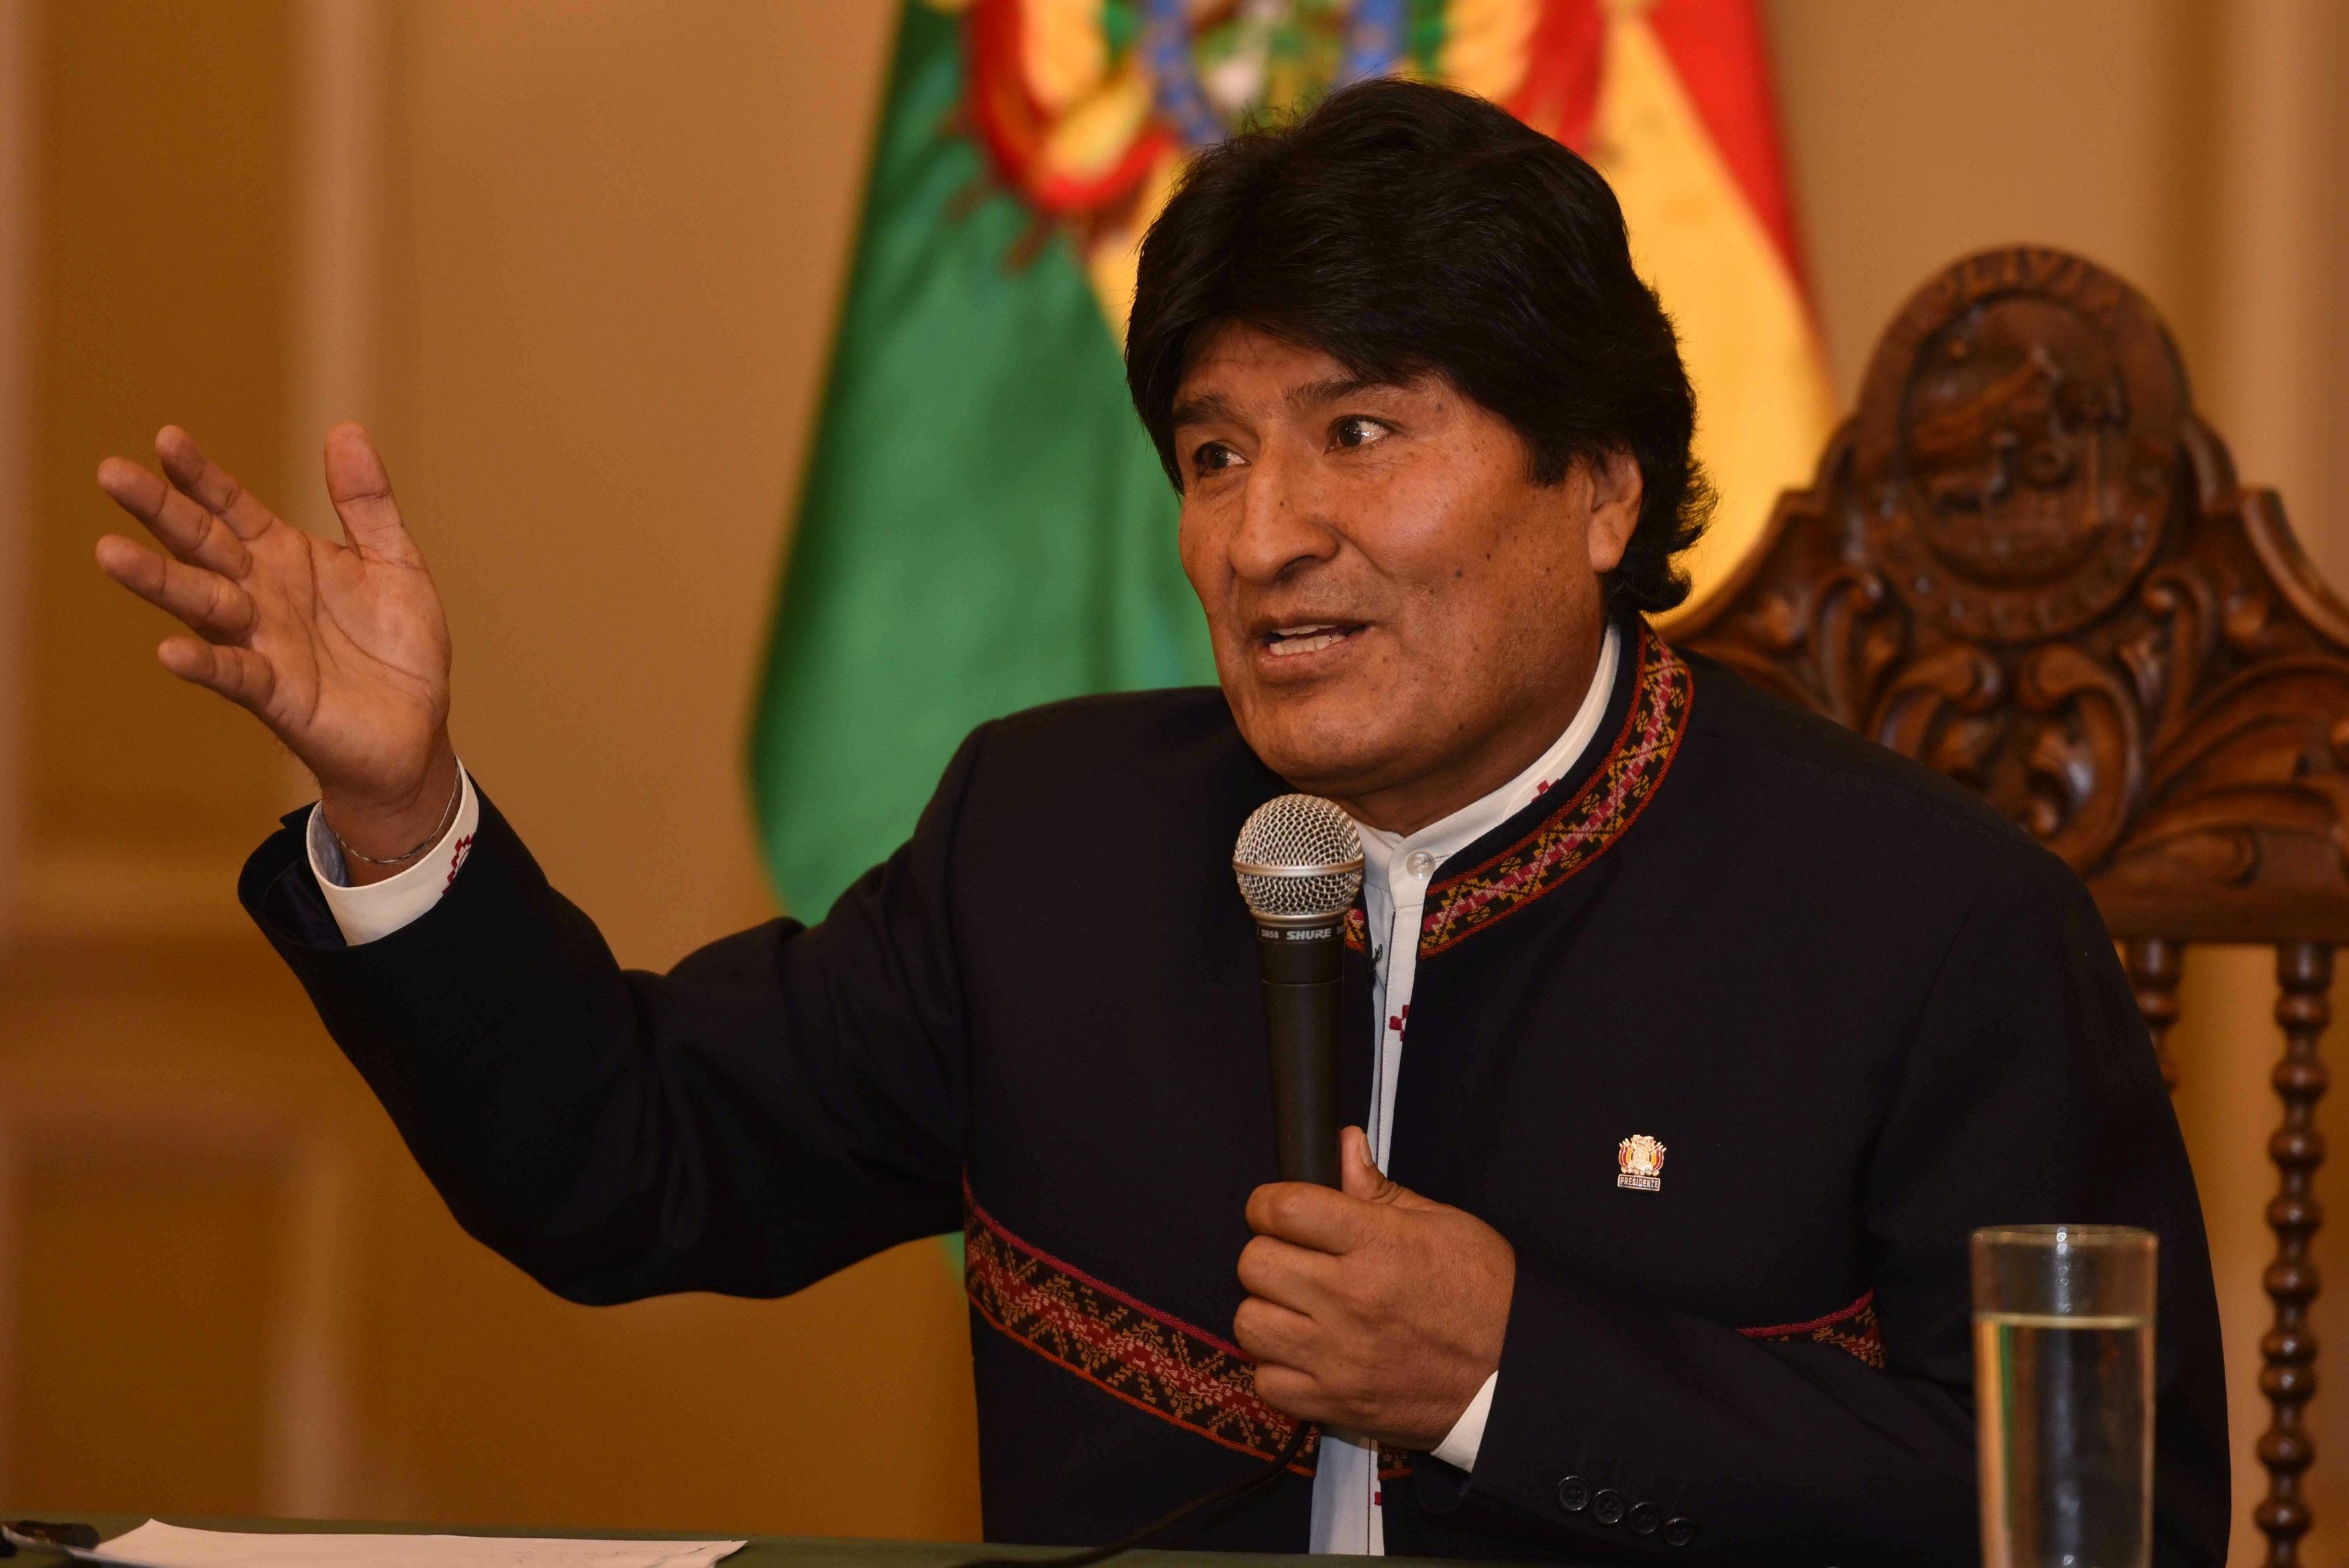 """Evo Morales asegura que la """"verdadera amenaza"""" es EE.UU. y no Venezuela-Noticias Calgary AB-@latinosenalberta.ca"""